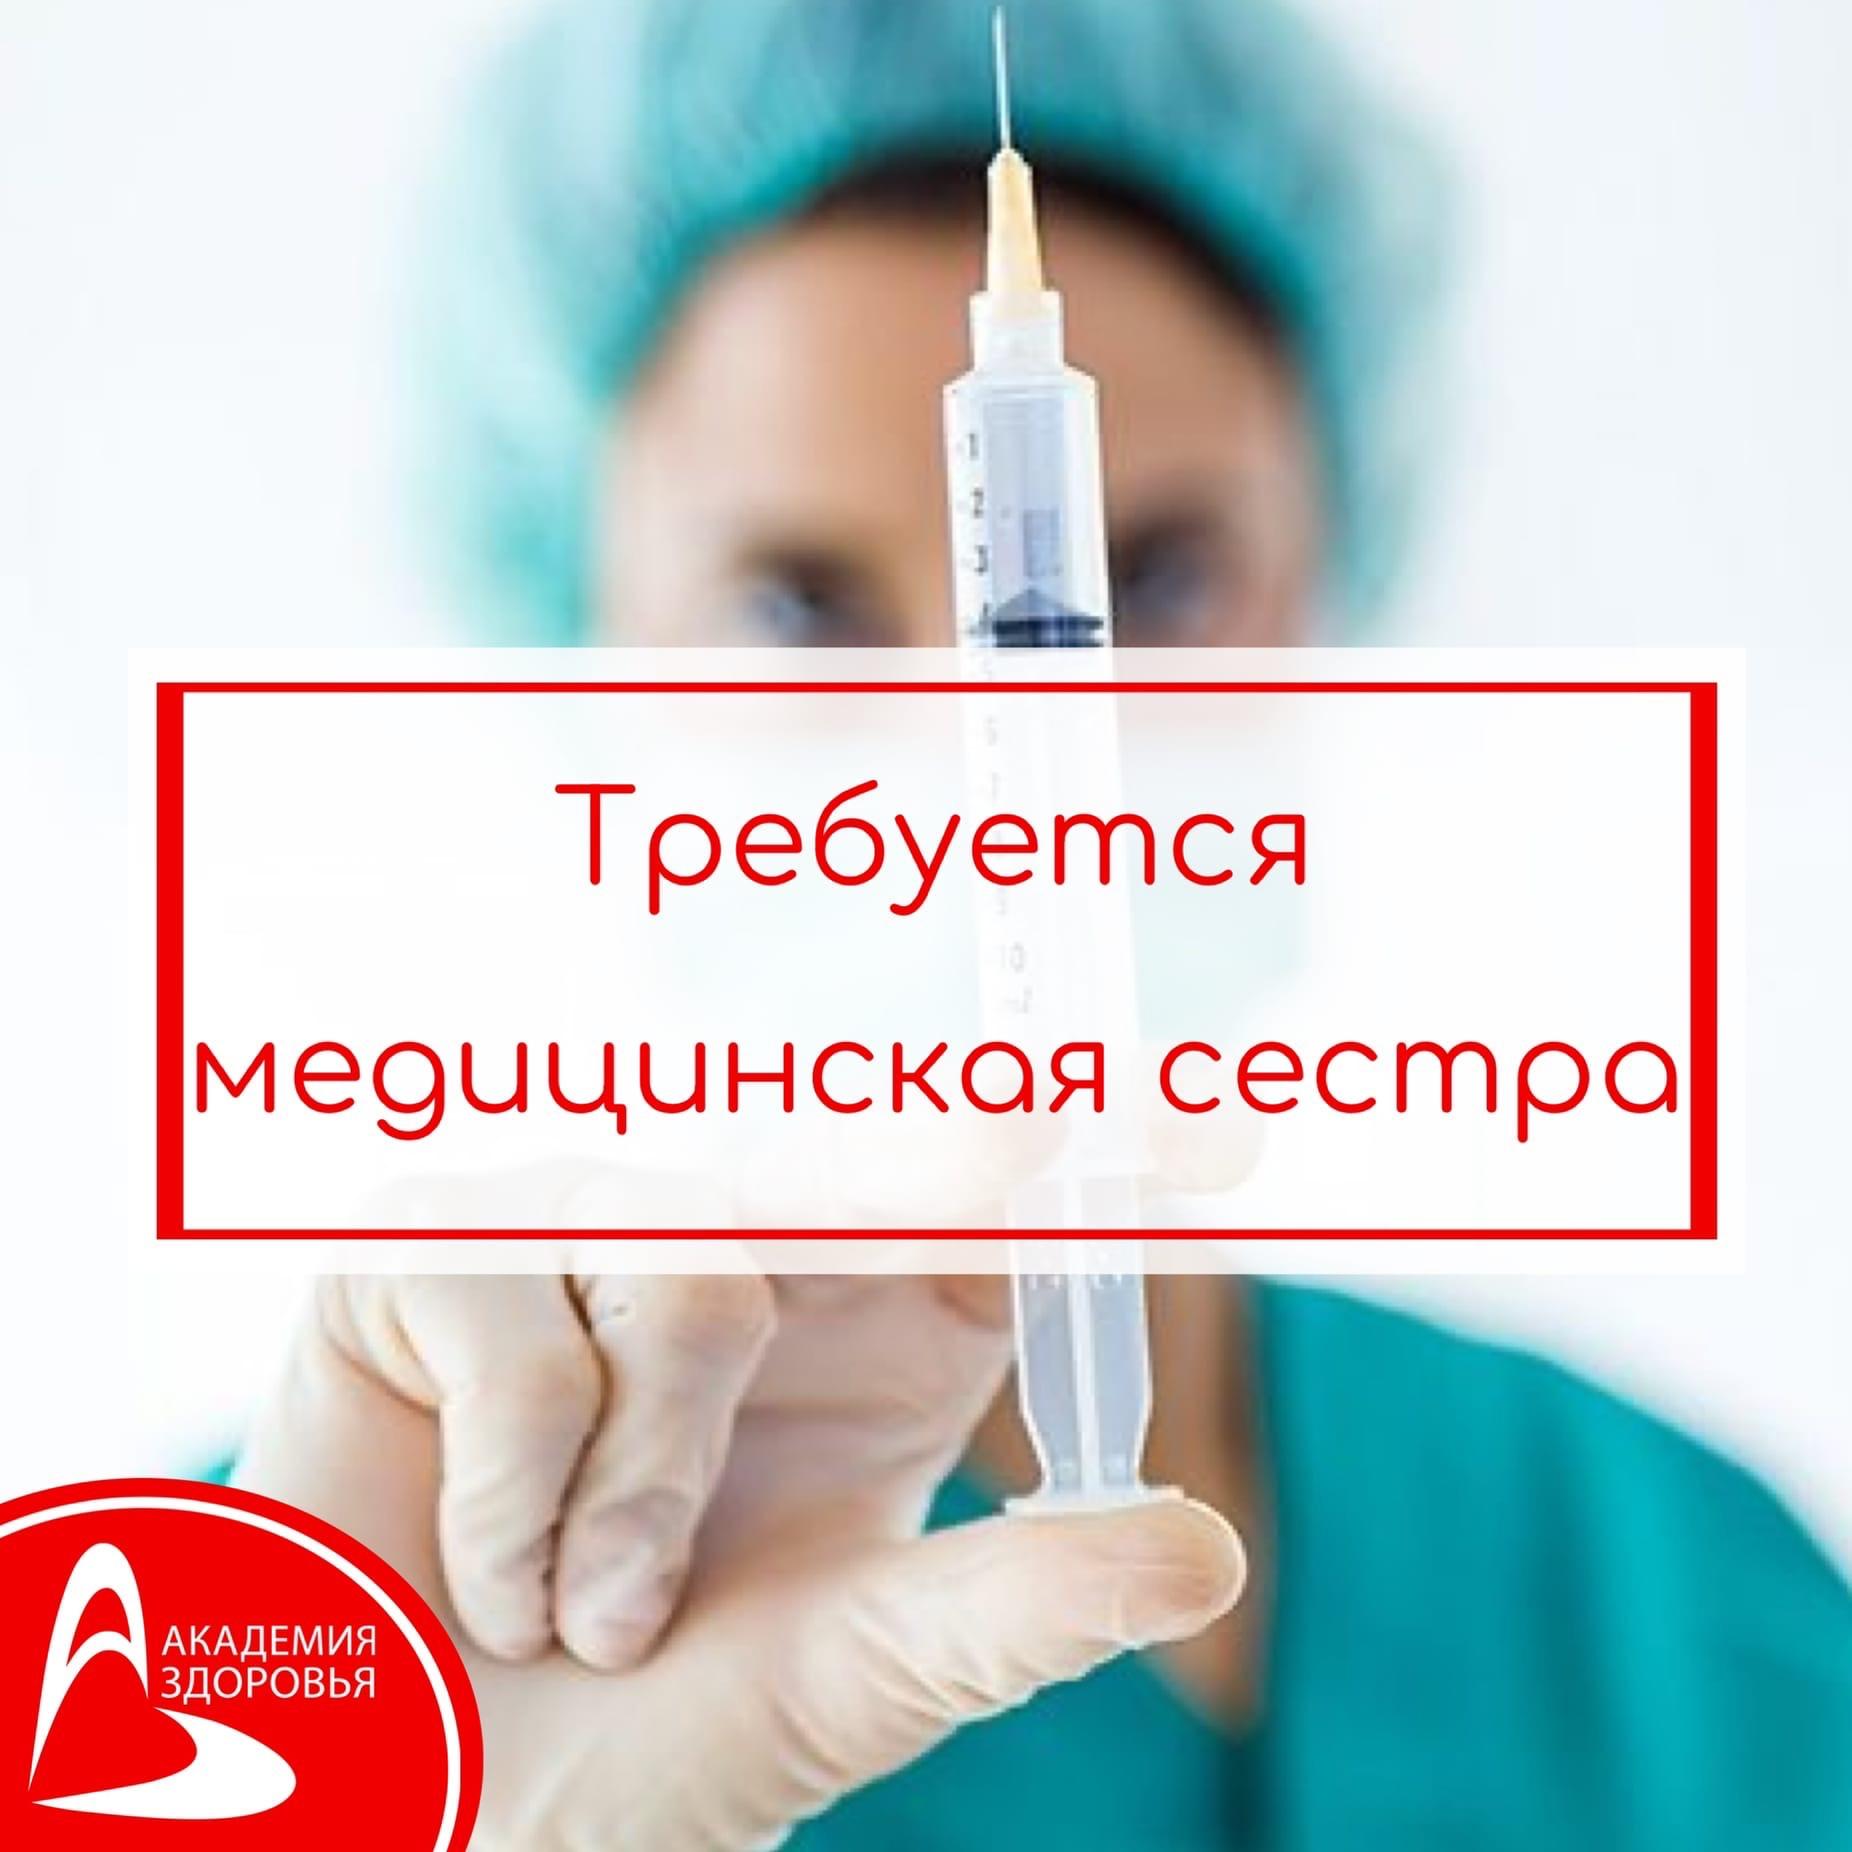 вакансия медсестры иваново